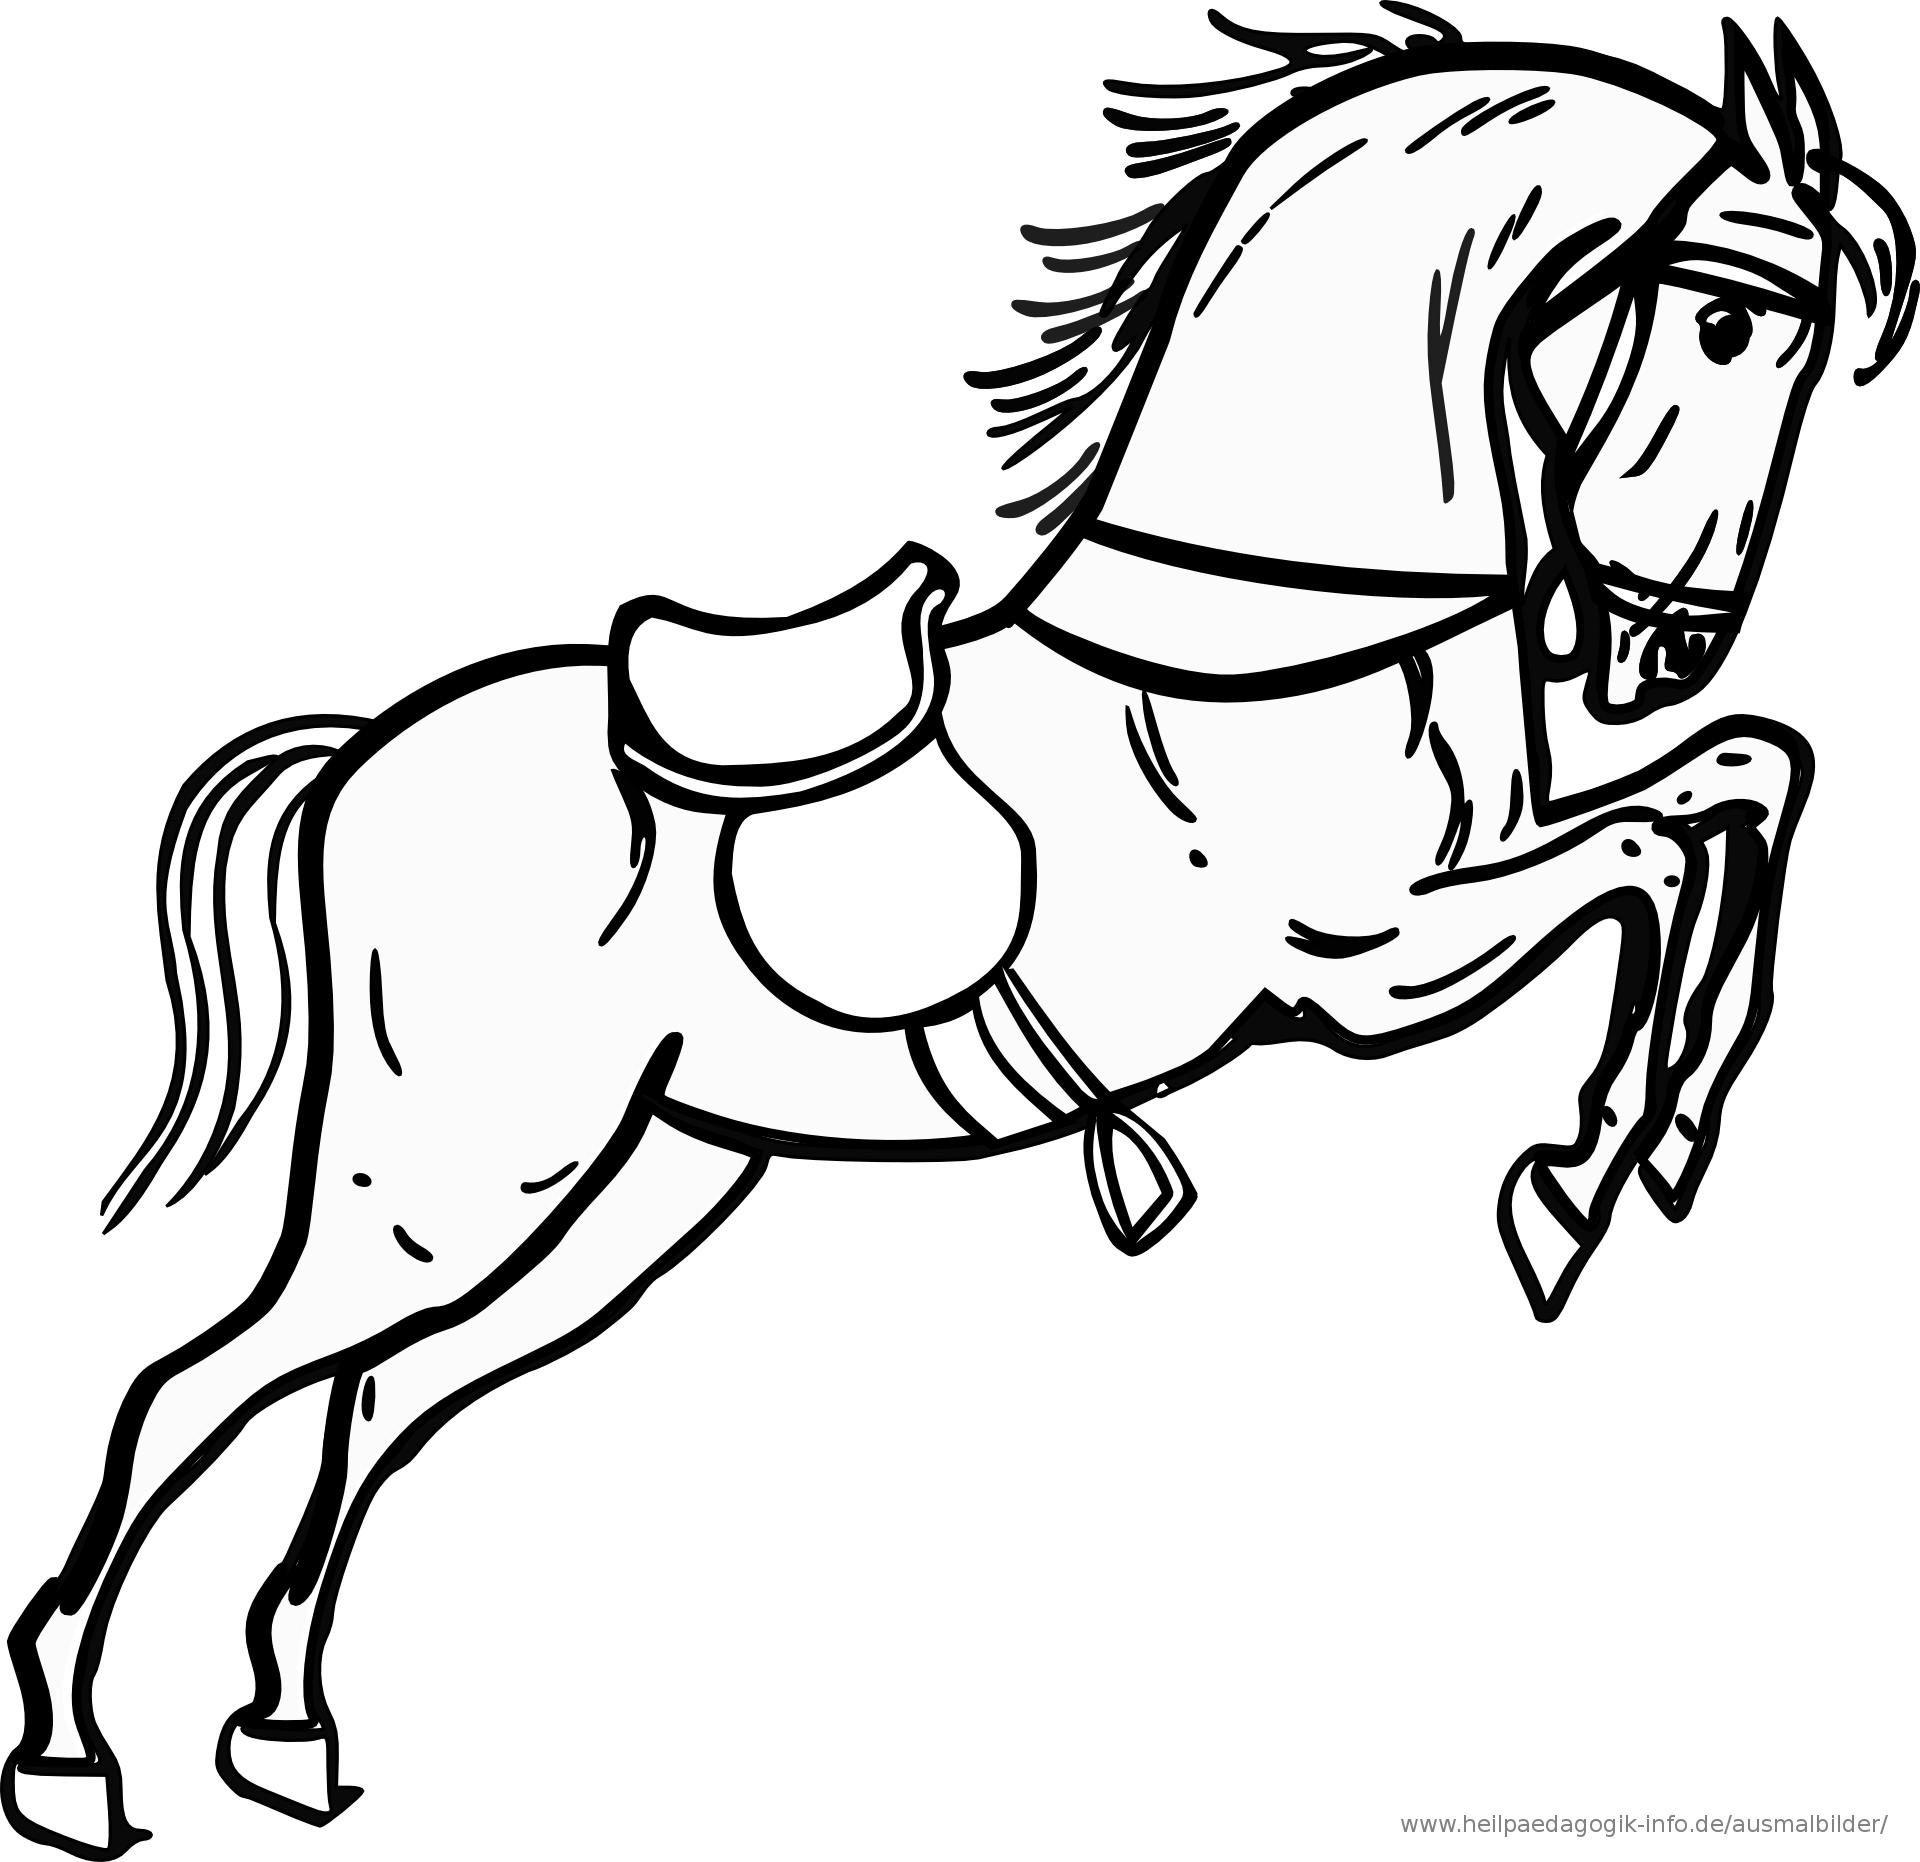 Ausmalbilder Pferde 2 Ausmalbilder Pferde Kostenlos Zum